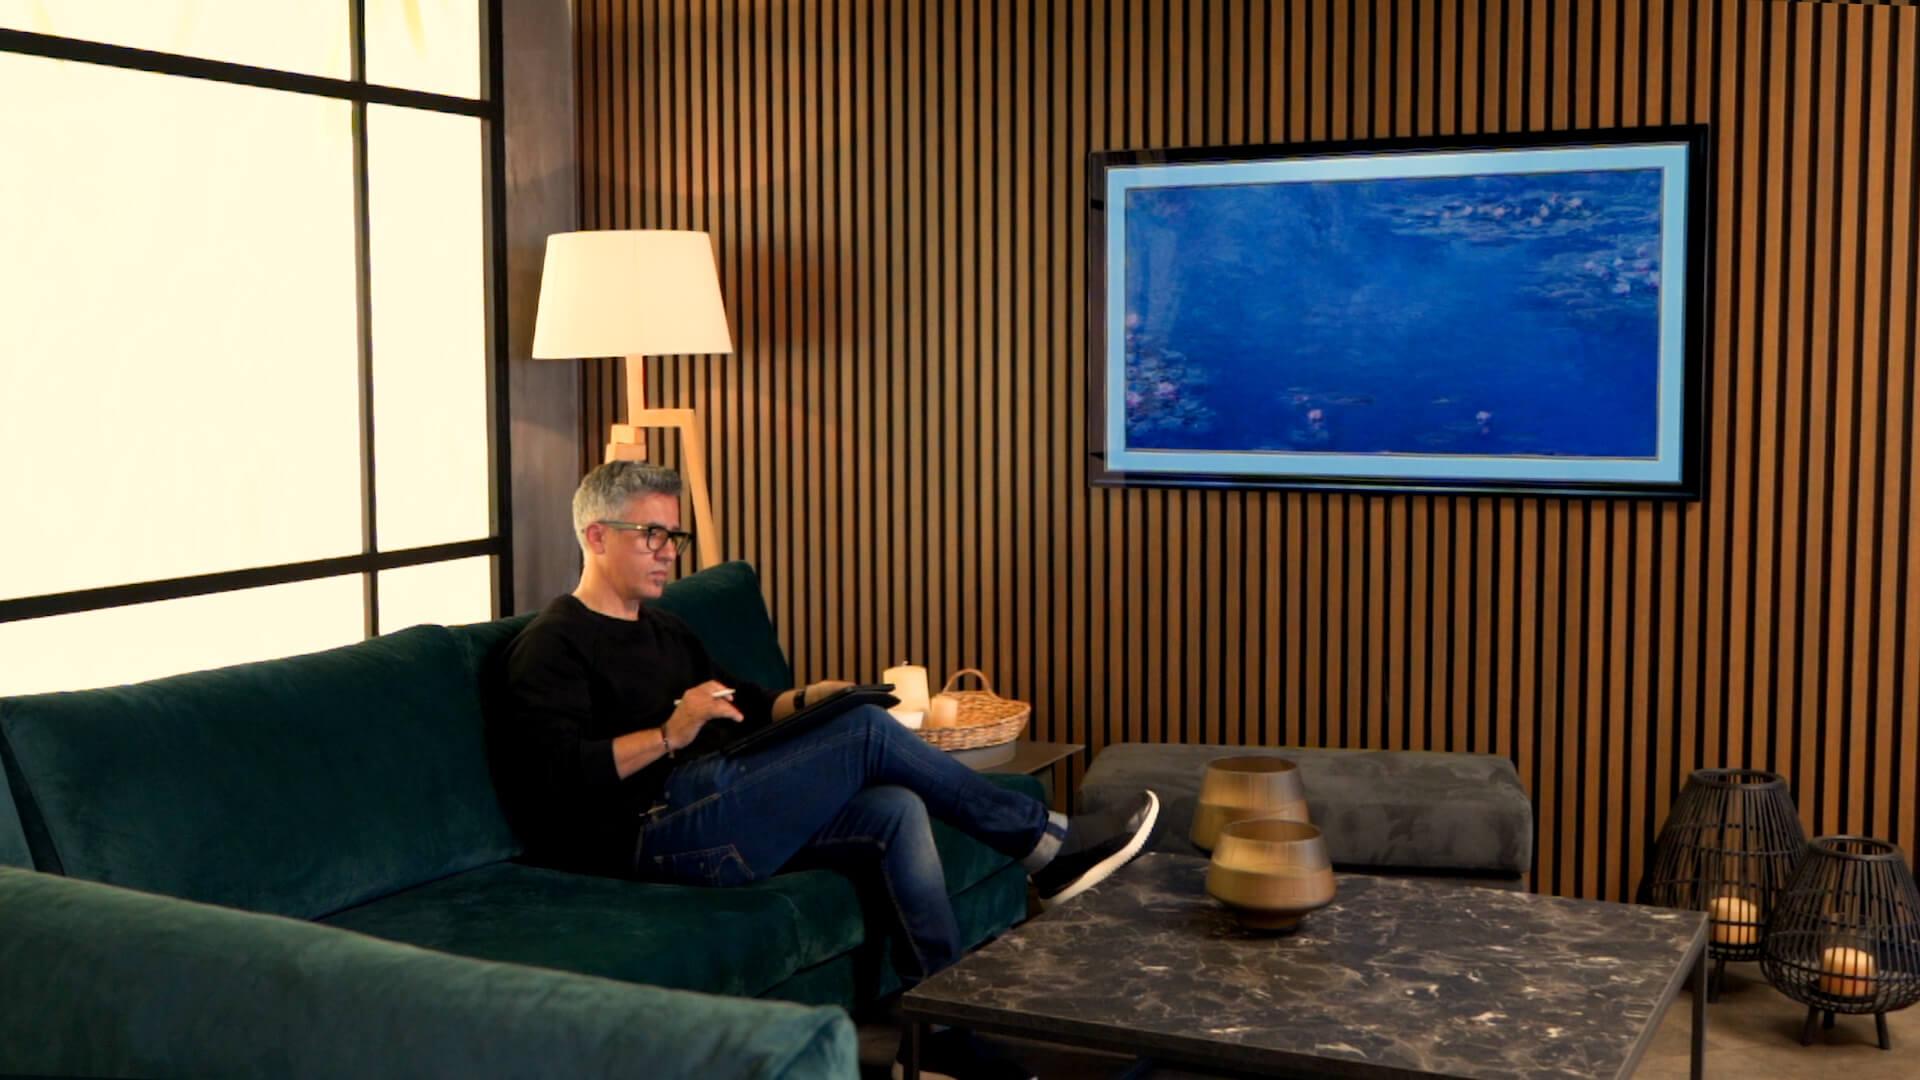 Κώστας Κωστας Γκάγκος Γκαγκος Τηλεοραση Τηλεόραση Kostas Gagos Television Product design OLED LG Gallery OLED TV T.V.